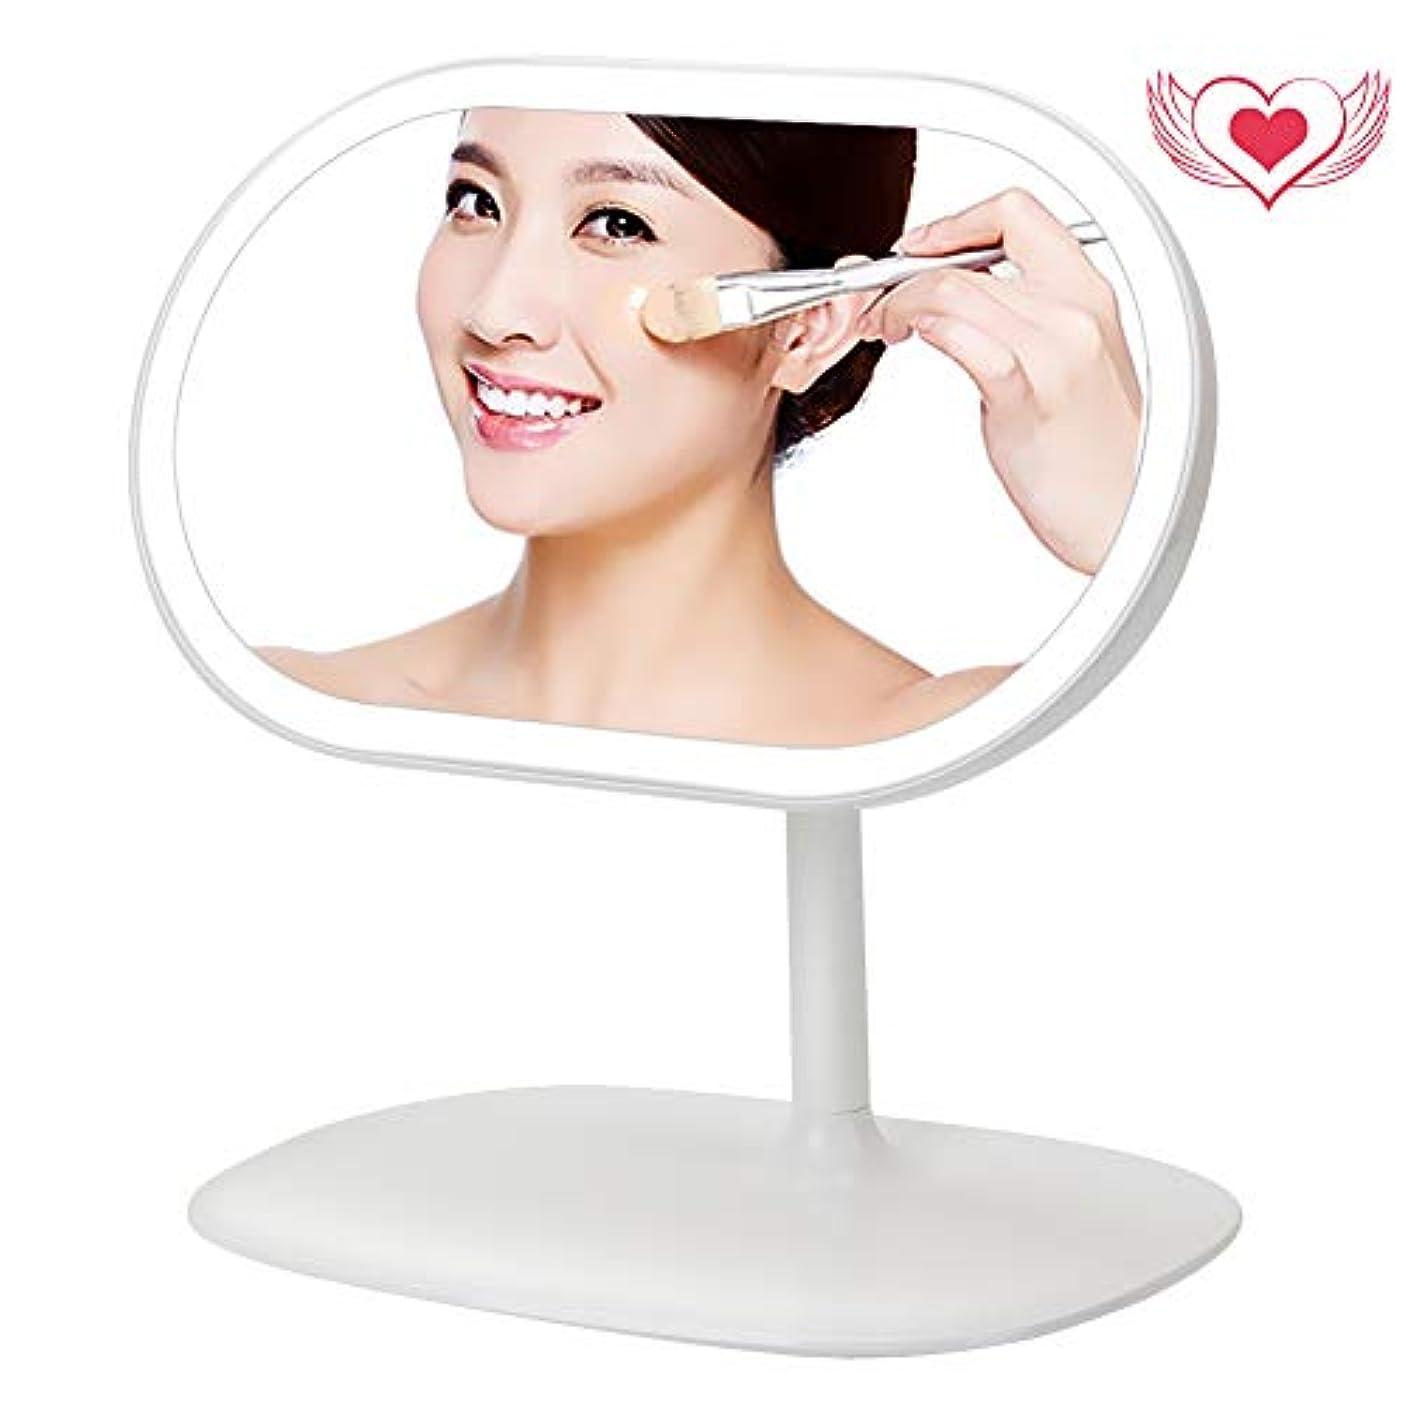 無視不名誉な発送美人さんの鏡 化粧鏡 LED ライト付き 3 in 1 デスクライト USB充電 収納台座 メイクアップ 卓上ミラー 磁気 360度回転 化粧ミラー